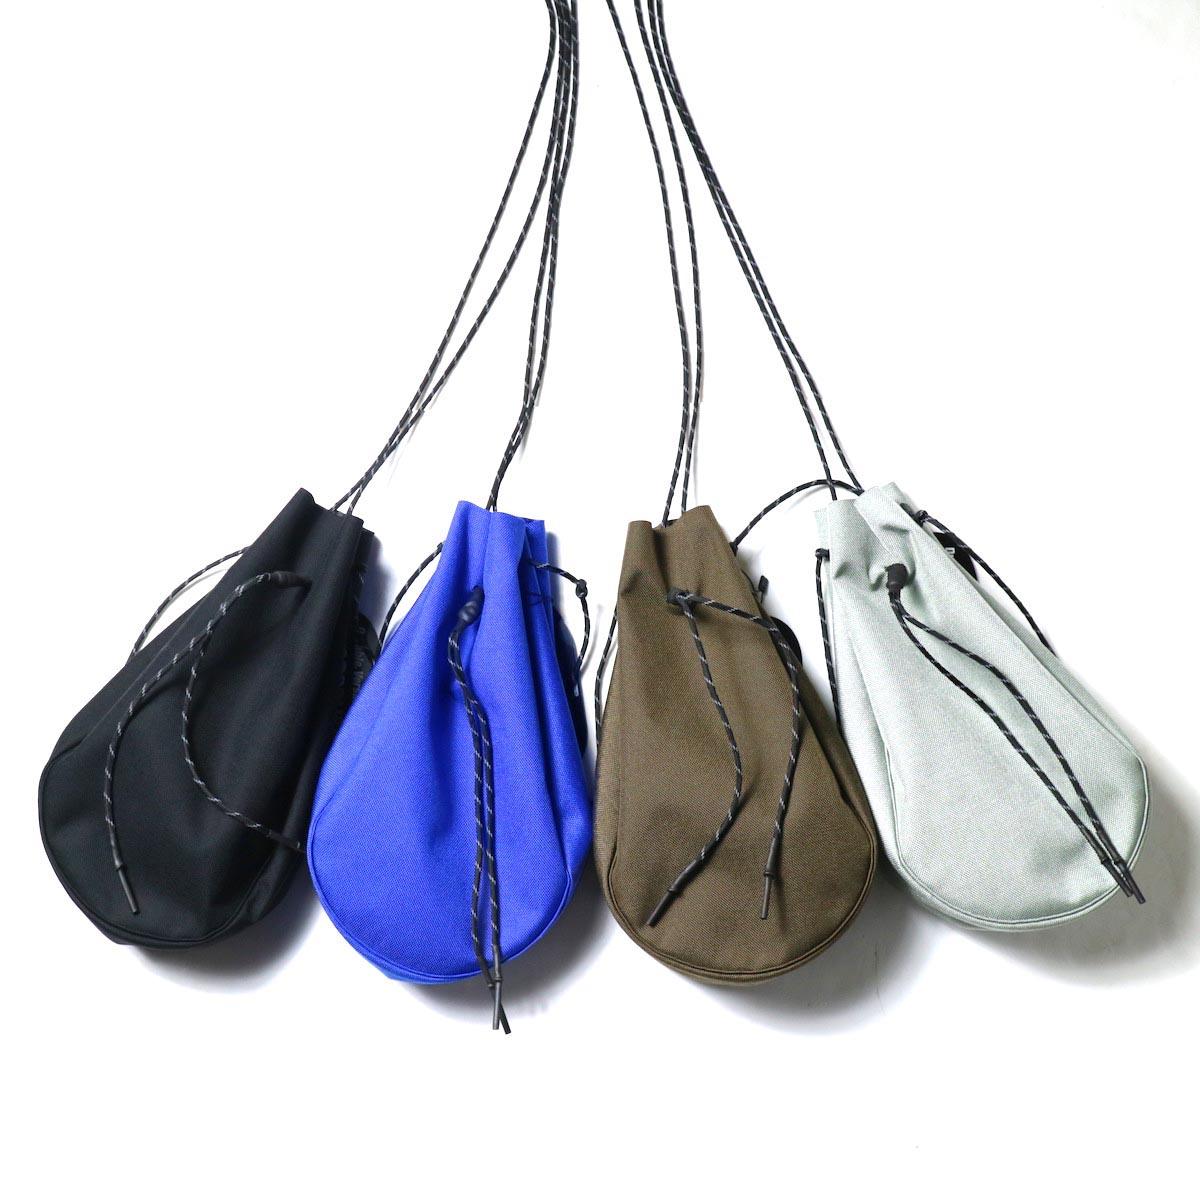 吉岡衣料店 / drawstring bag -L-. 4色